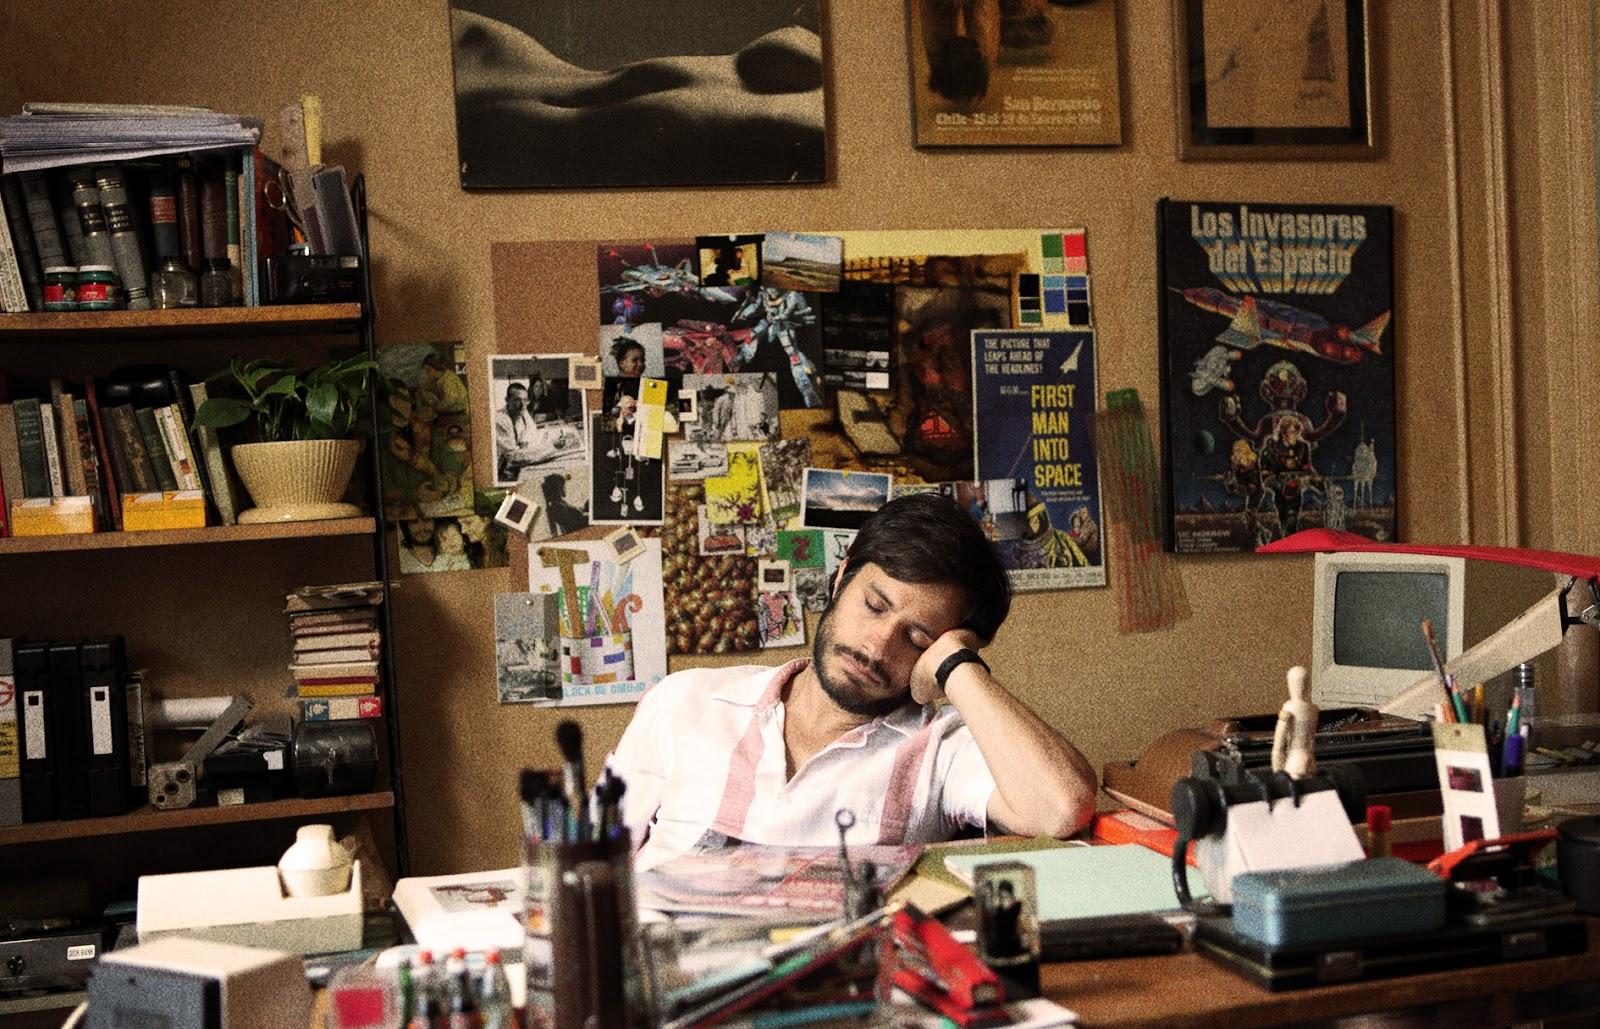 New York Film Festival 2012: No